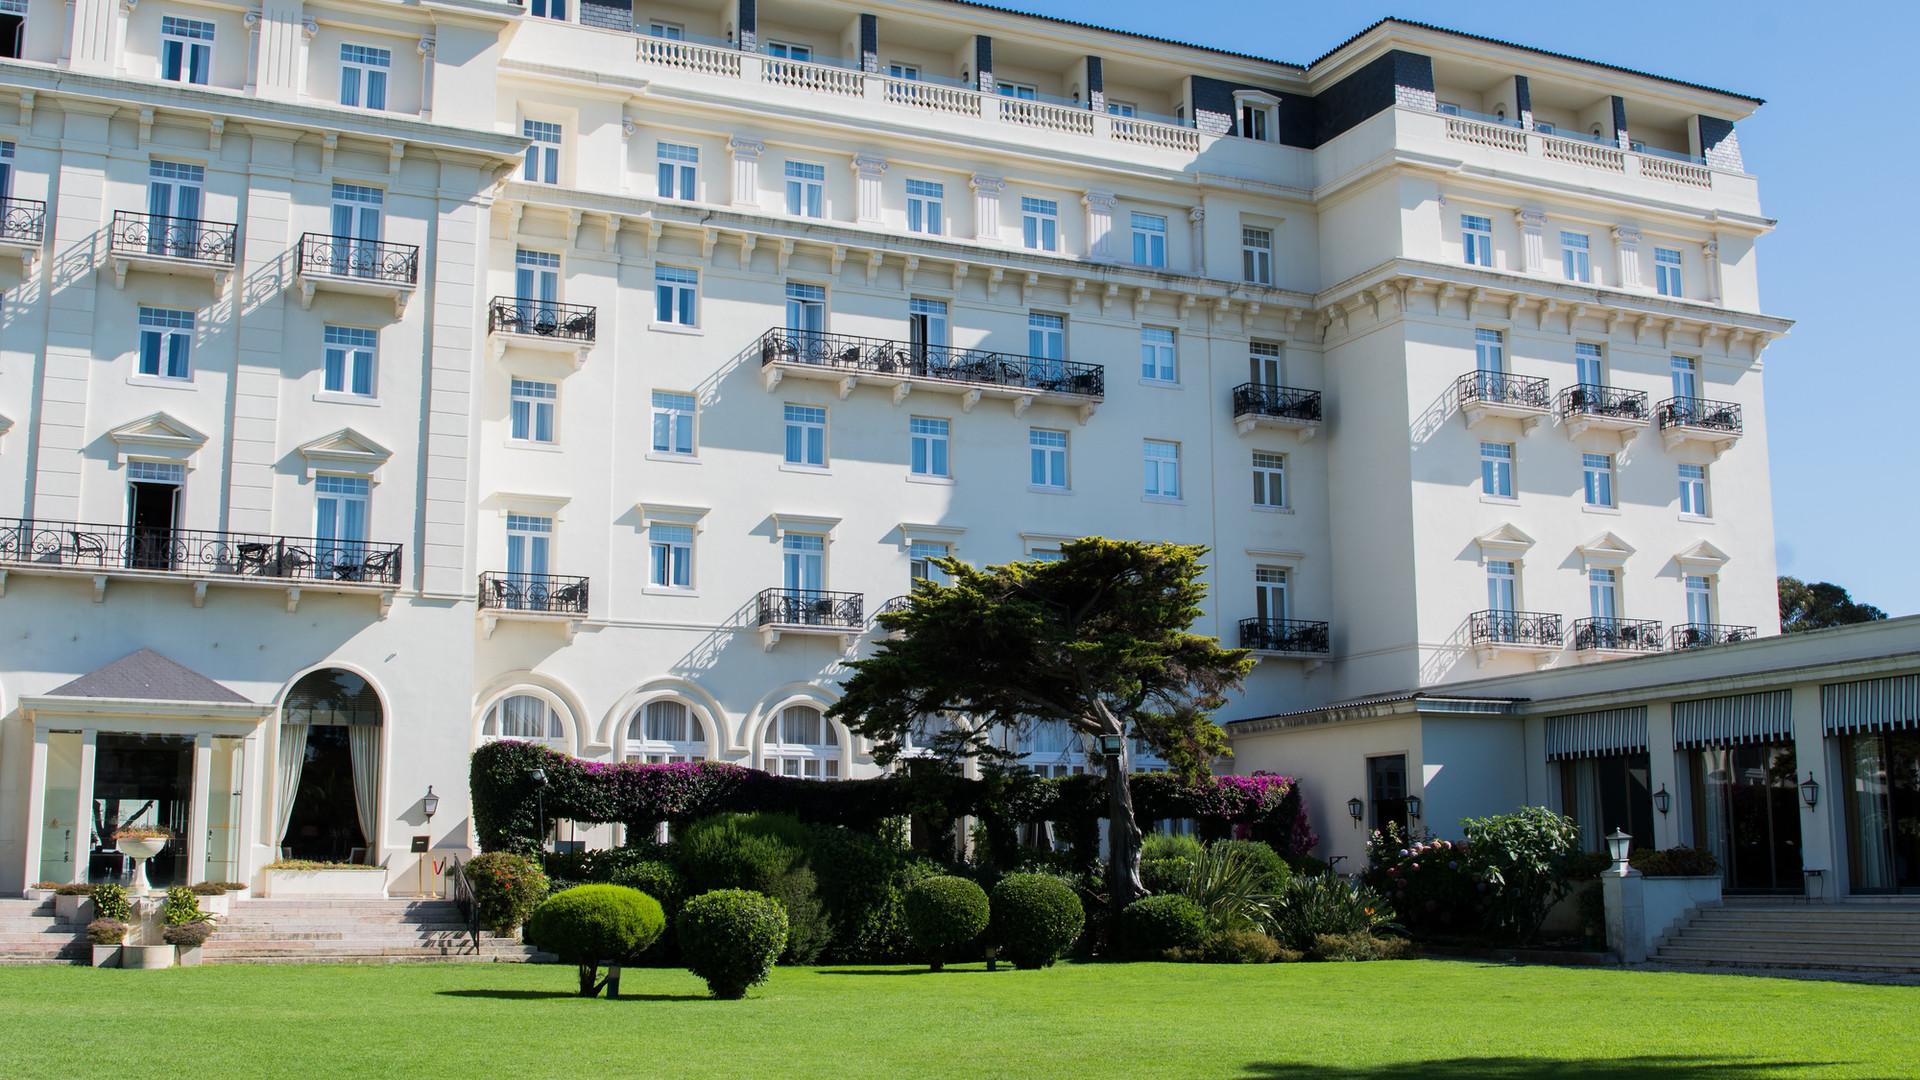 Hotel Palacio - Cascais